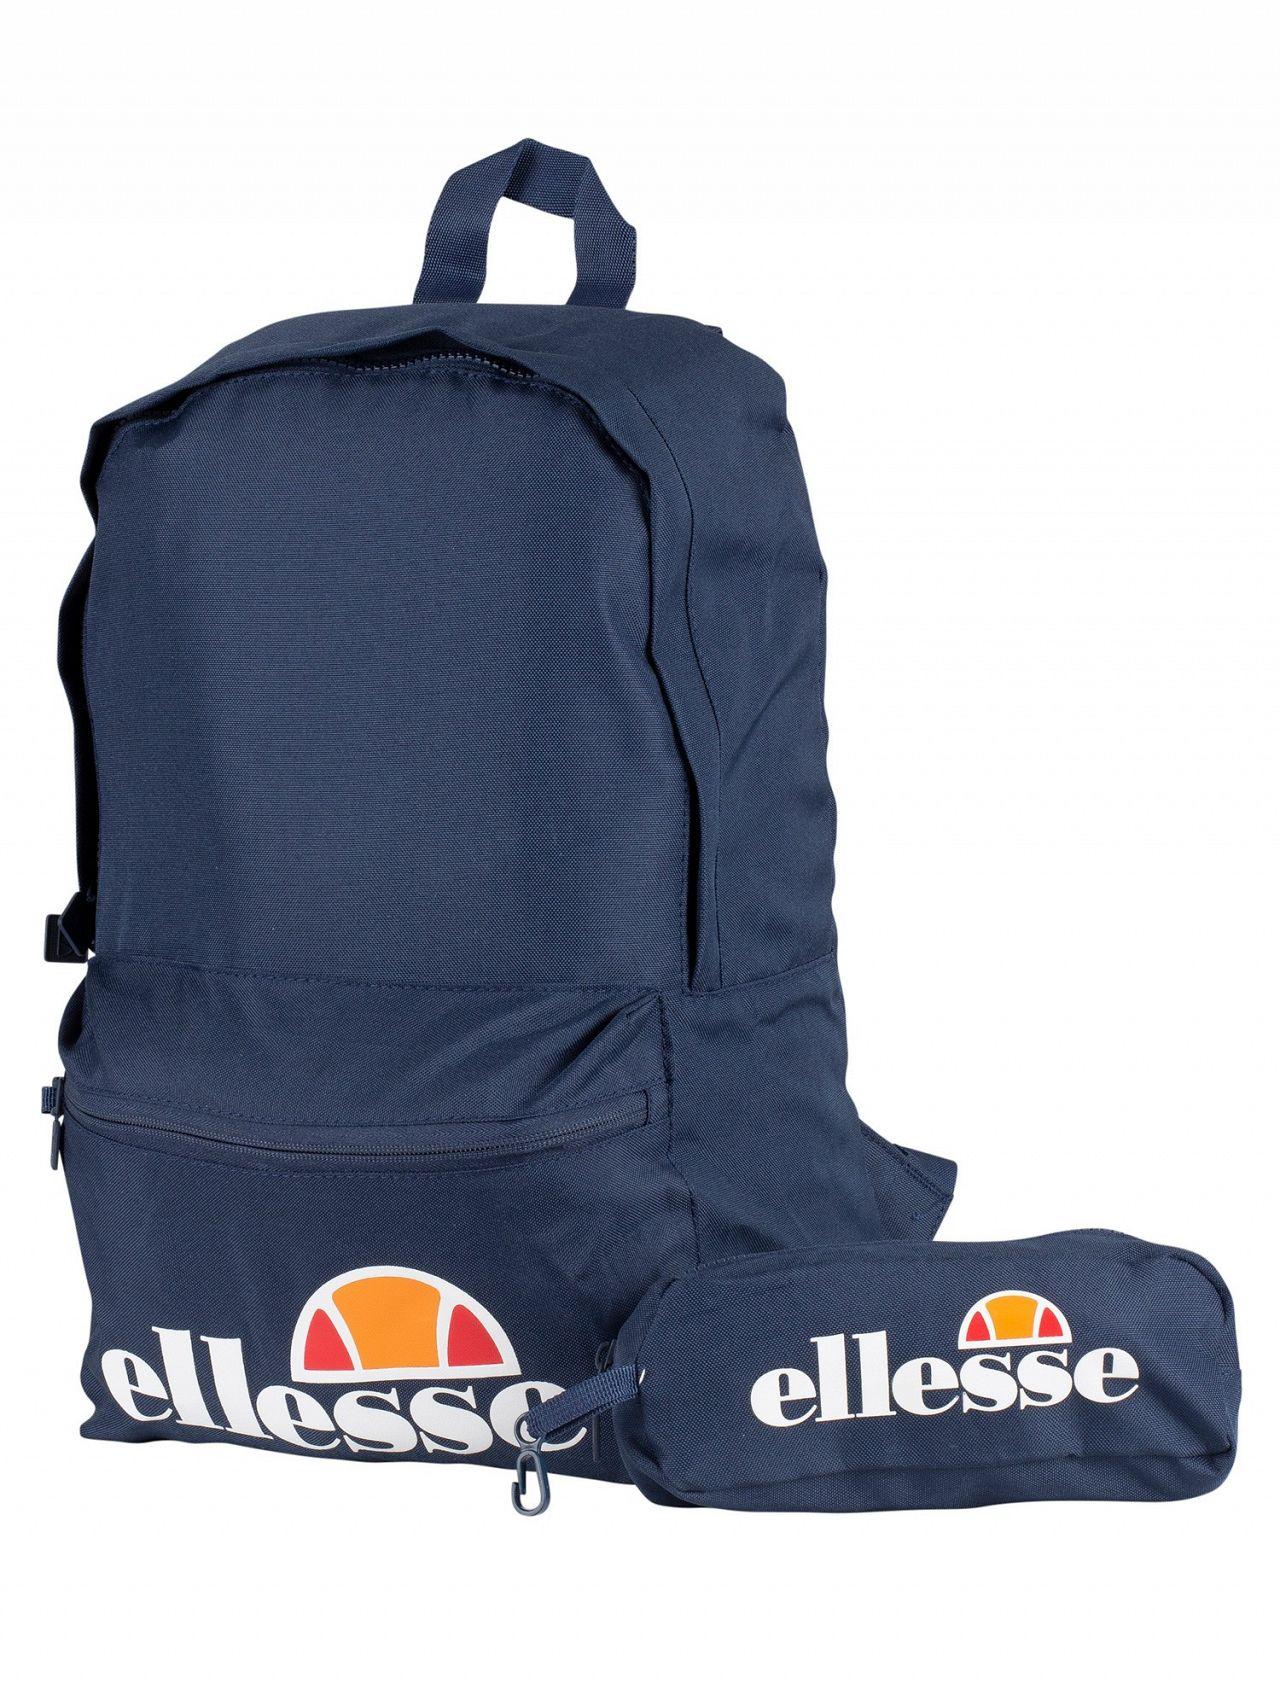 Ellesse Navy Rolby Backpack   Pencil Case 9558dfc4af33e